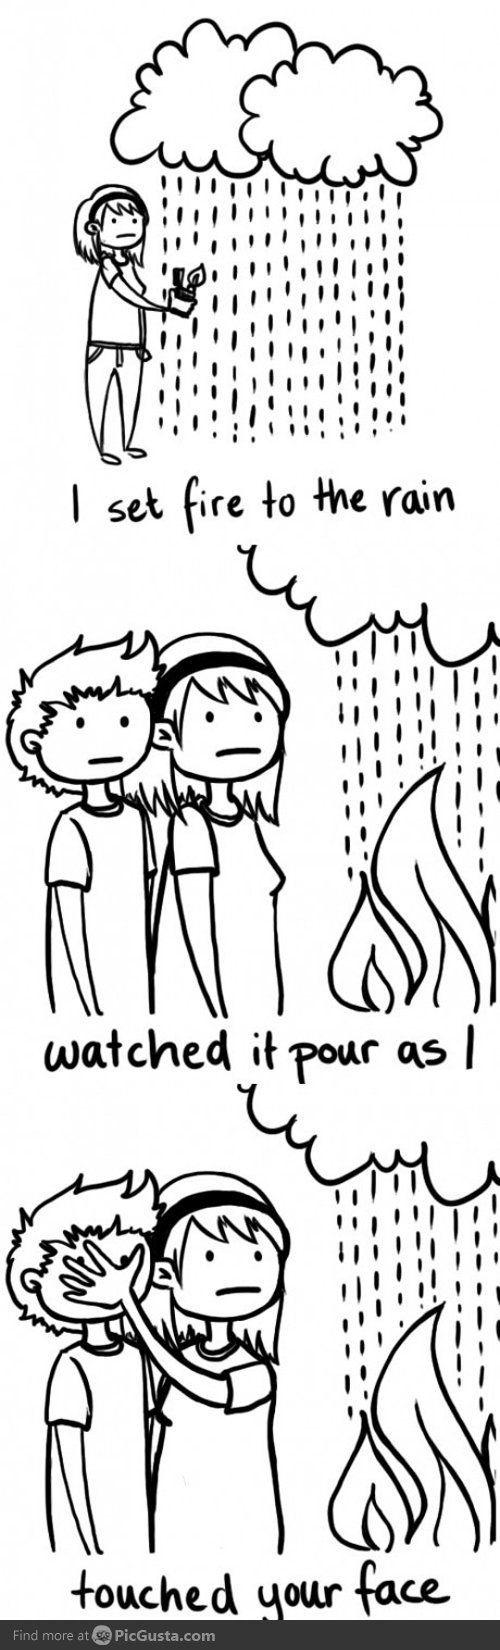 Mostly, I just laugh at song lyrics.